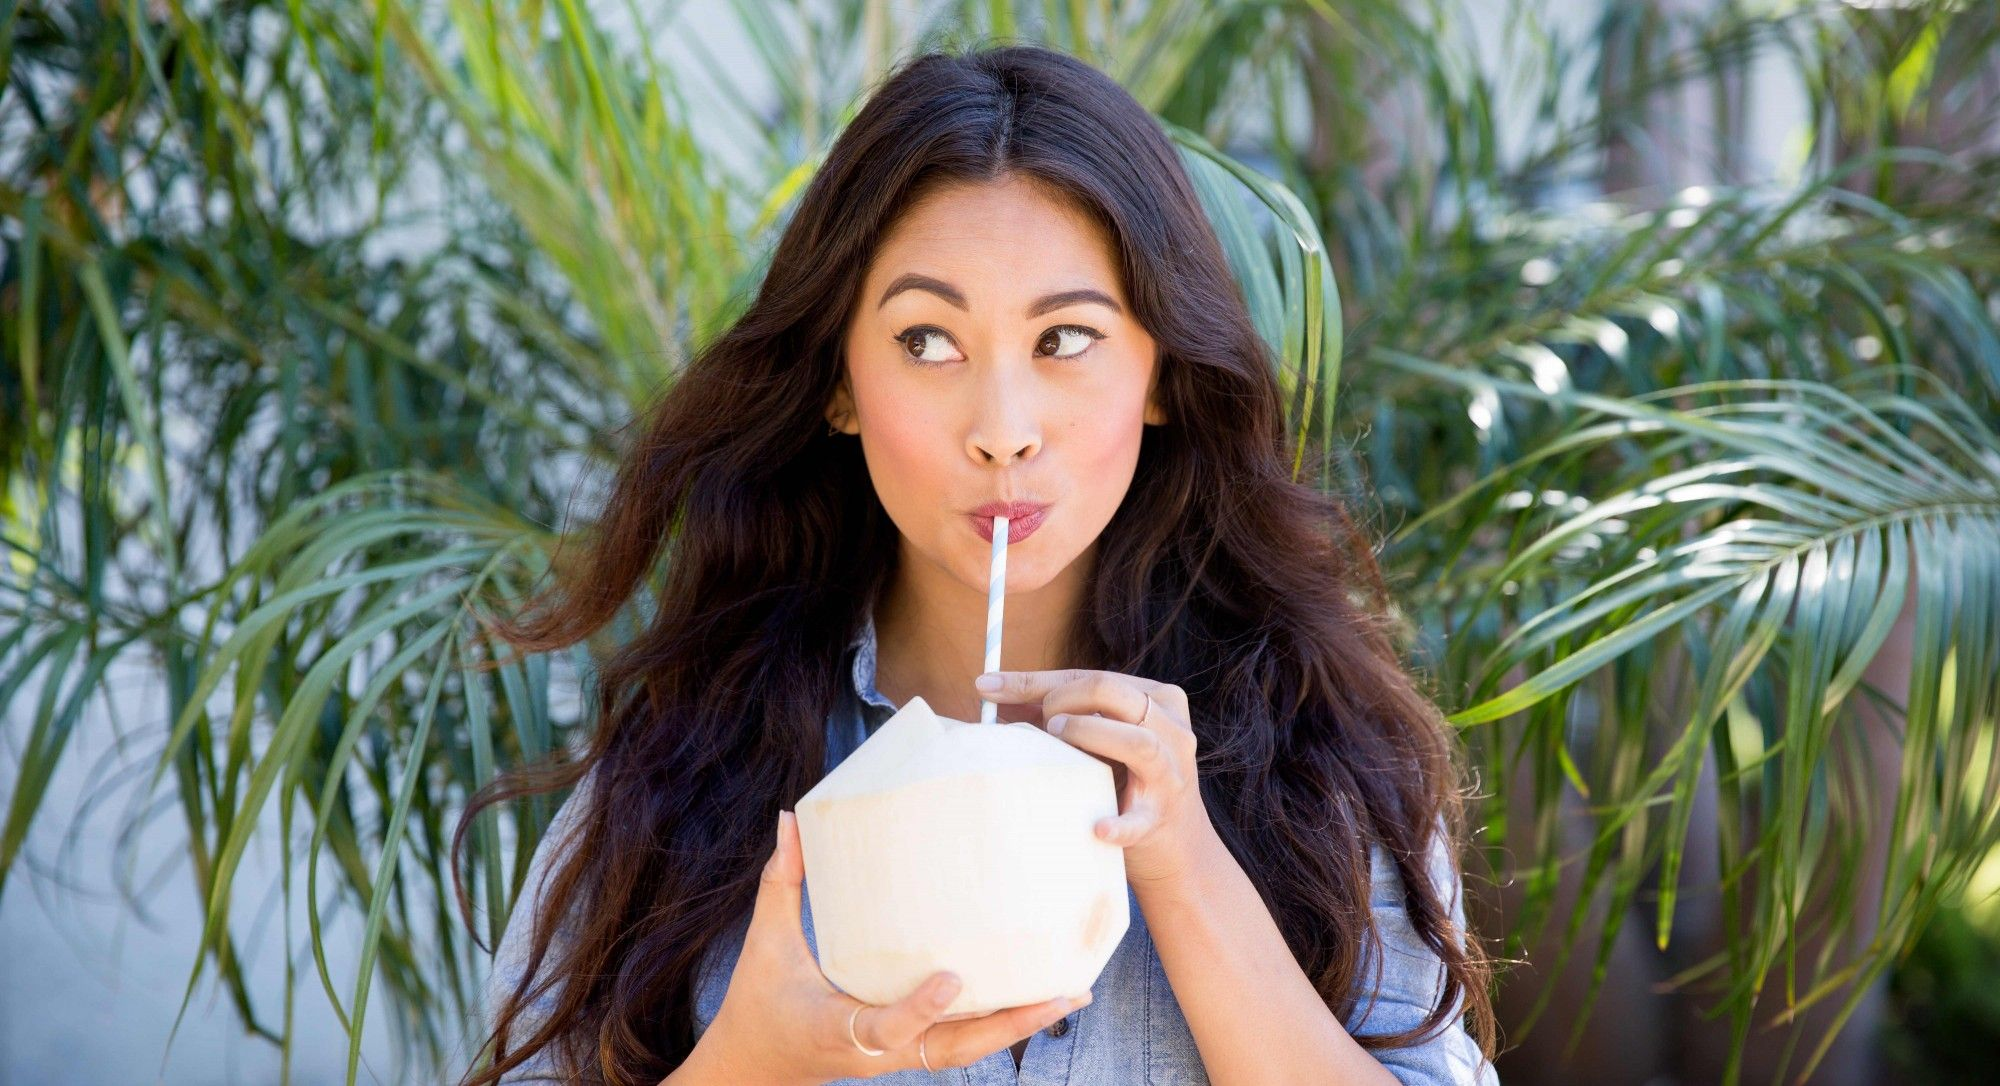 Benefits of Coconut Water